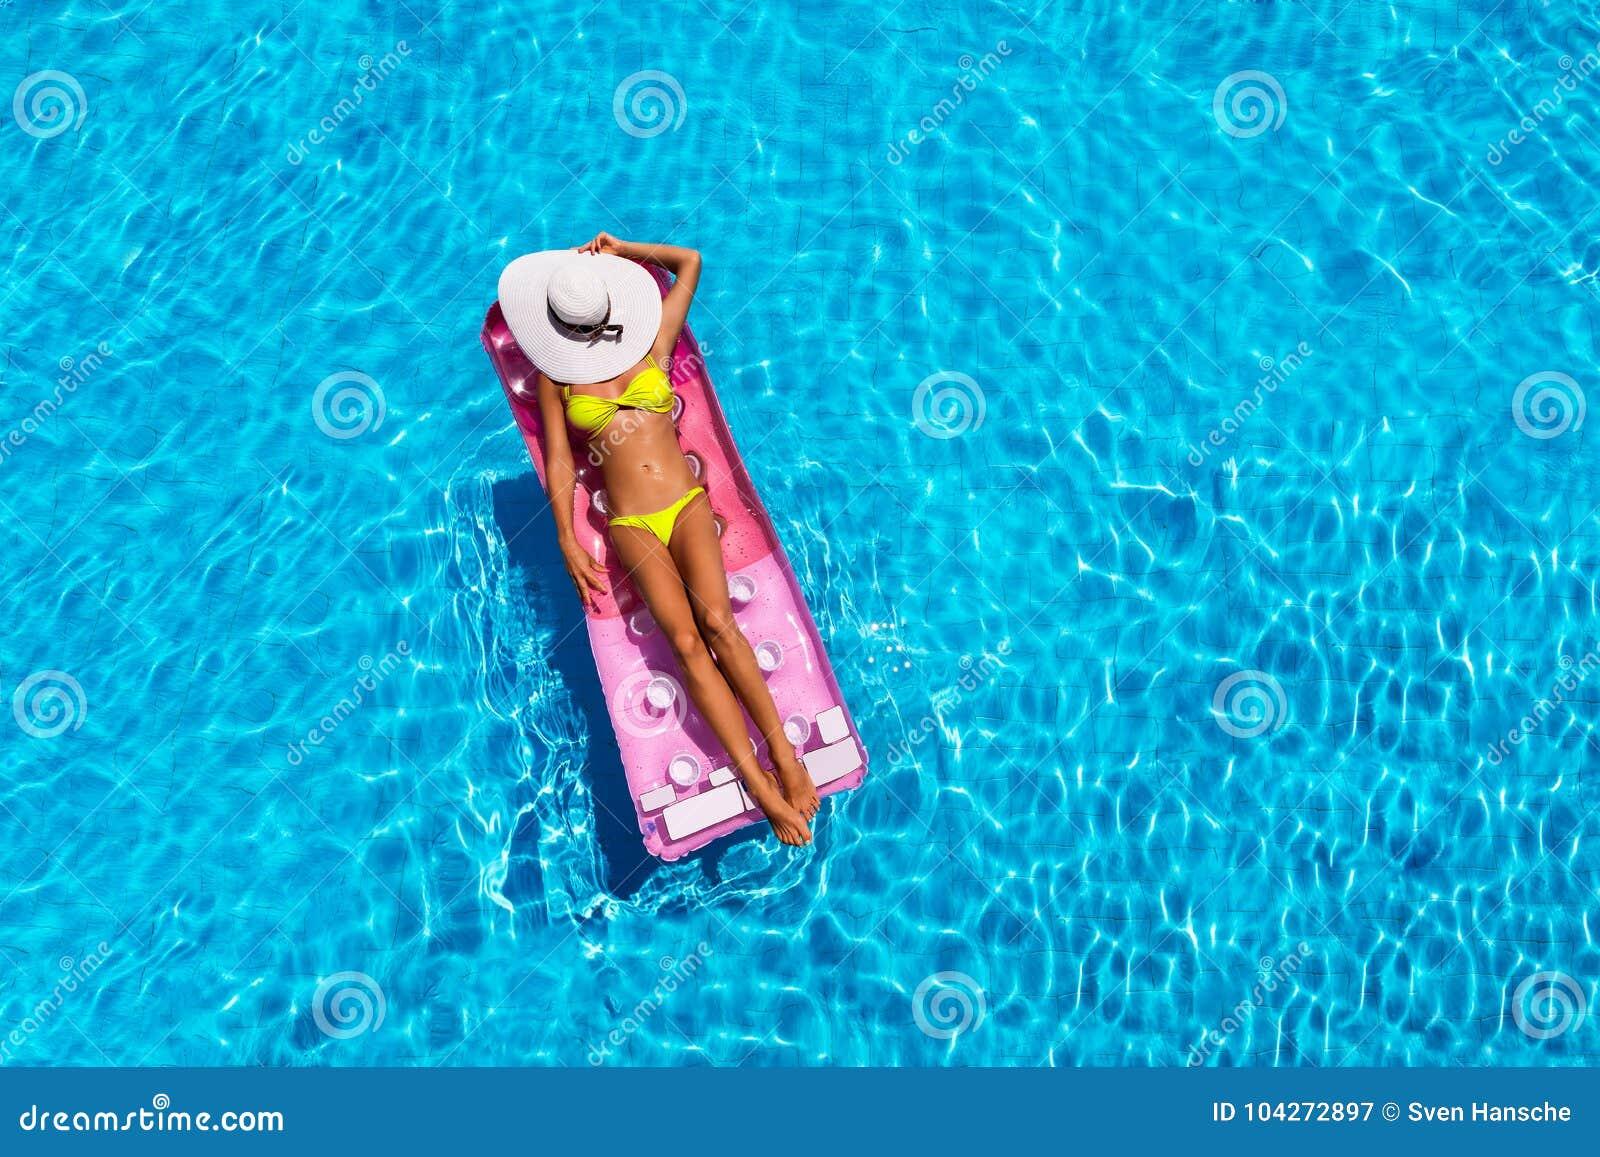 Ελκυστική γυναίκα στη λίμνη με ένα επιπλέον στρώμα